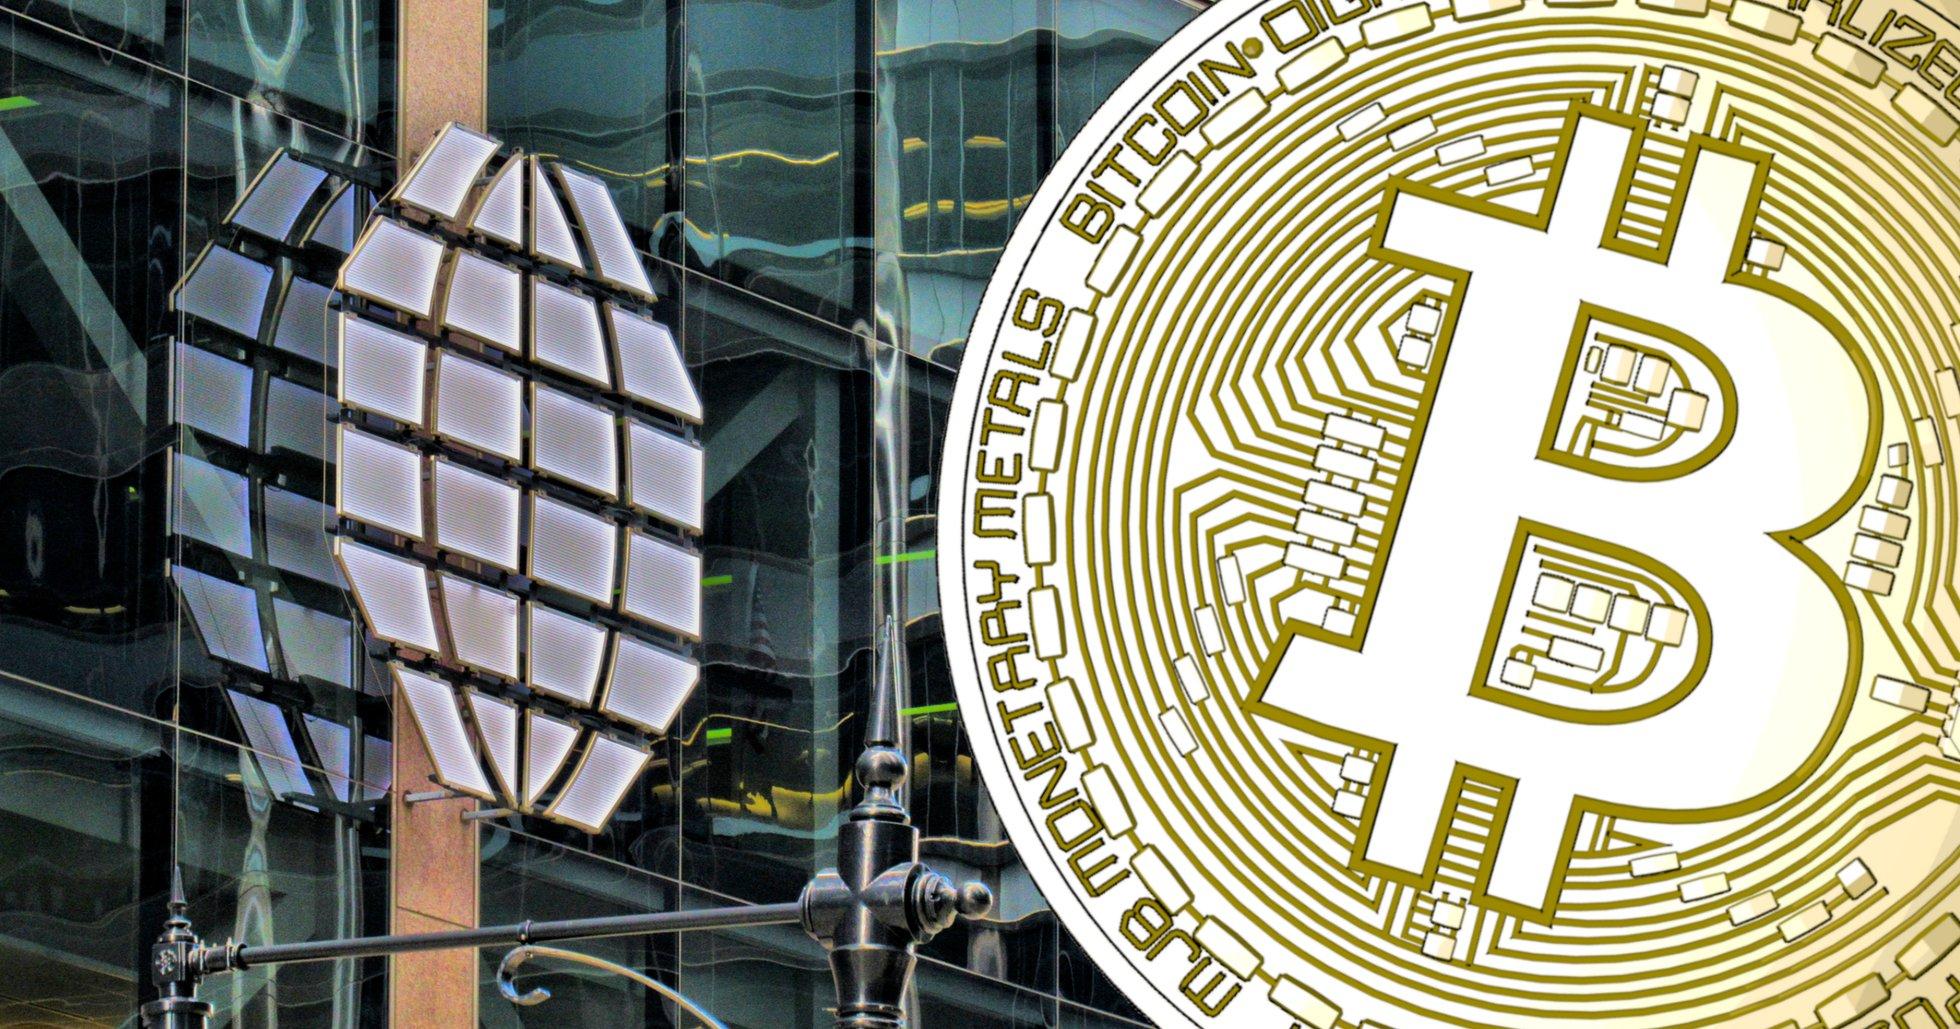 Statistik visar att bitcoinpriset bör stiga när terminskontrakt löper ut inom kort.